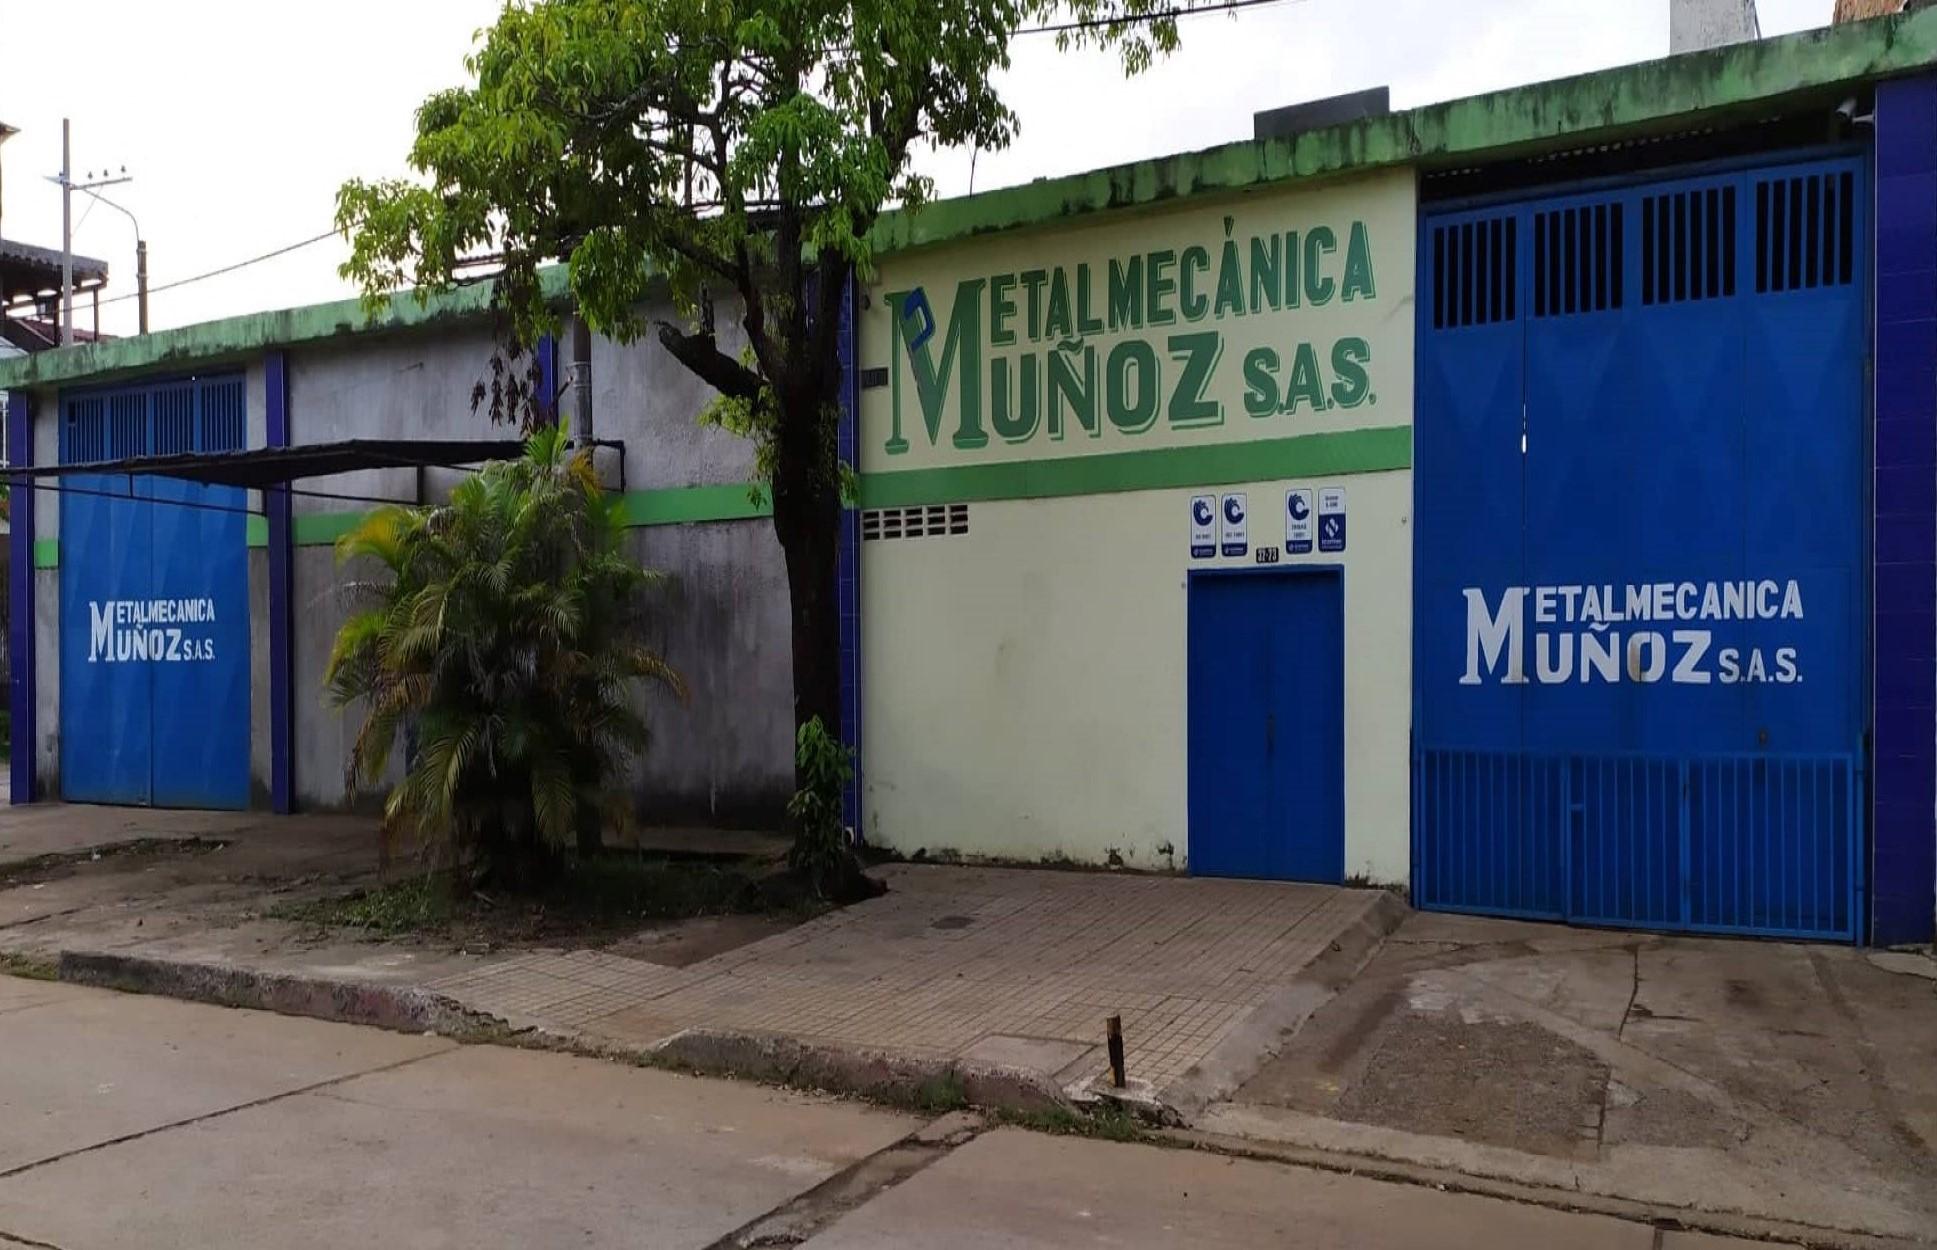 Metalmecánica Muñoz SAS